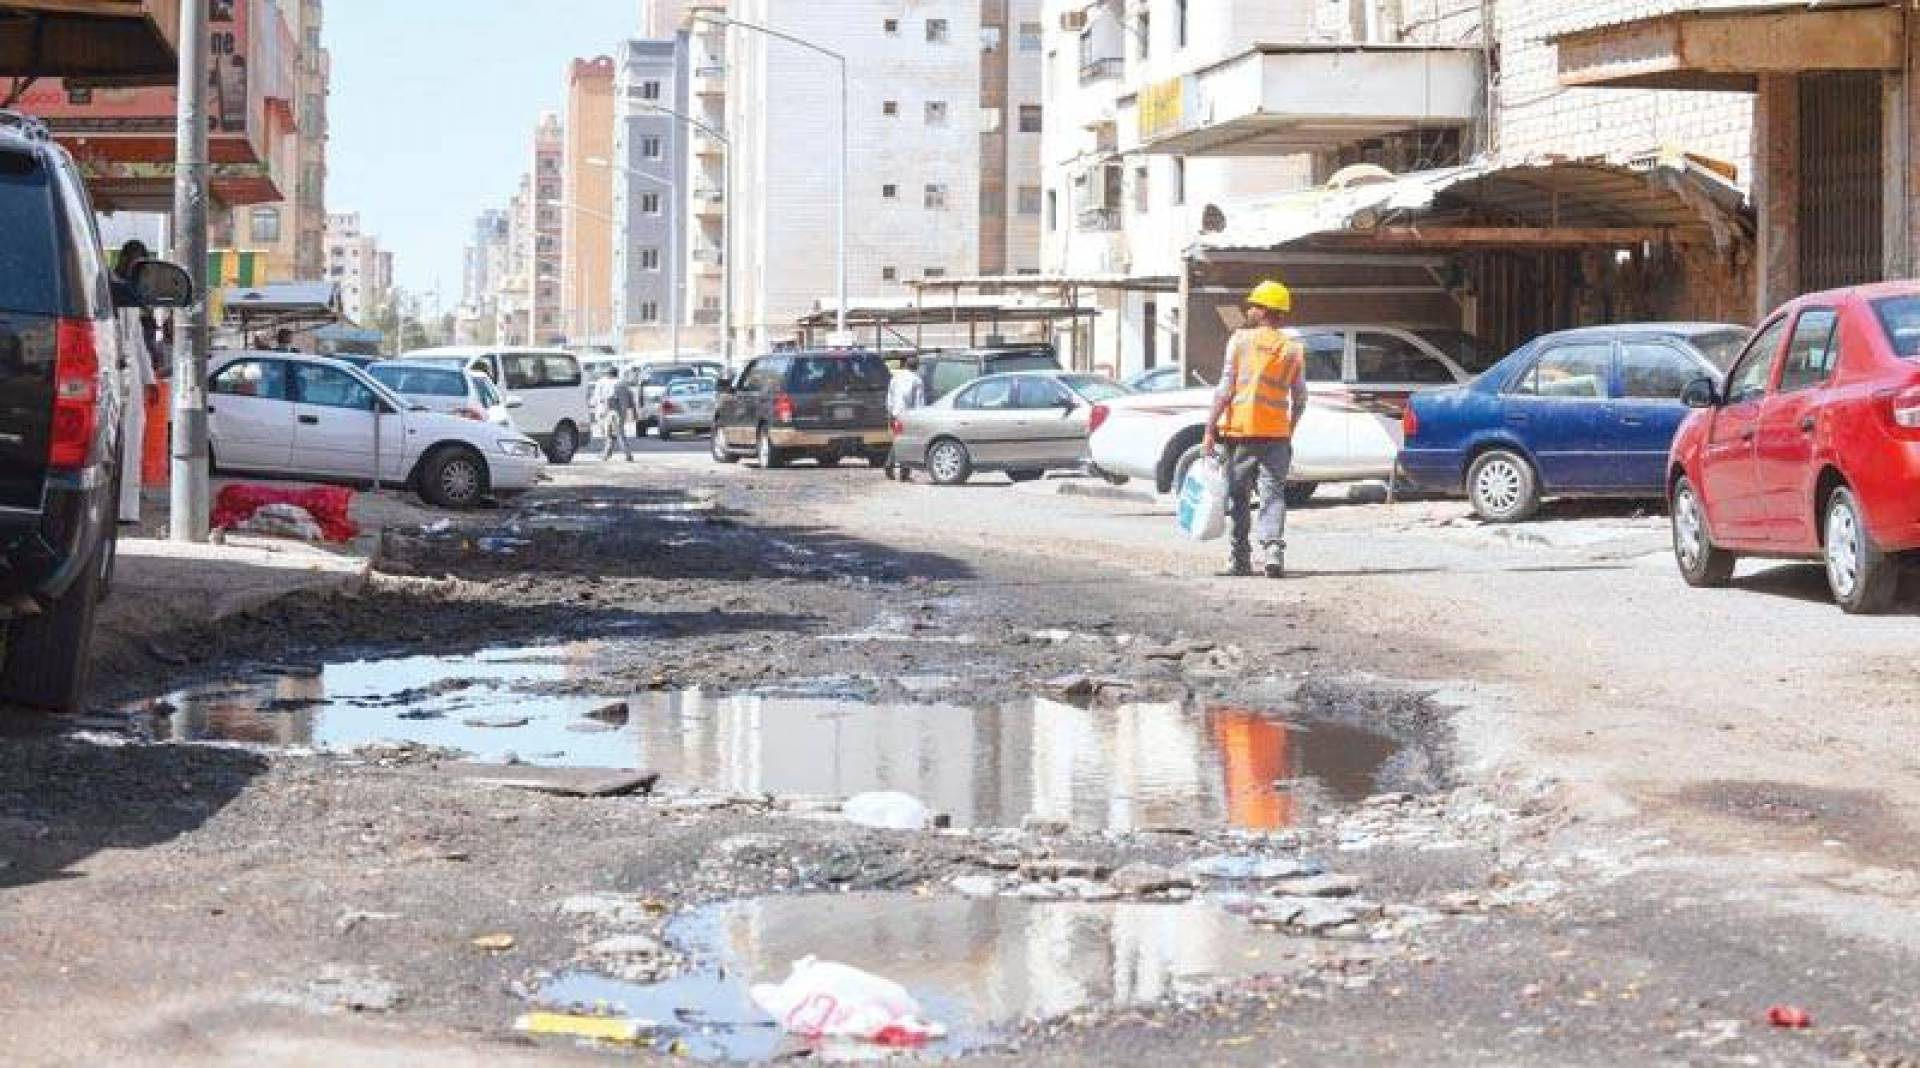 بِرك الصرف في كل مكان! (تصوير: محمود الفوريكي)